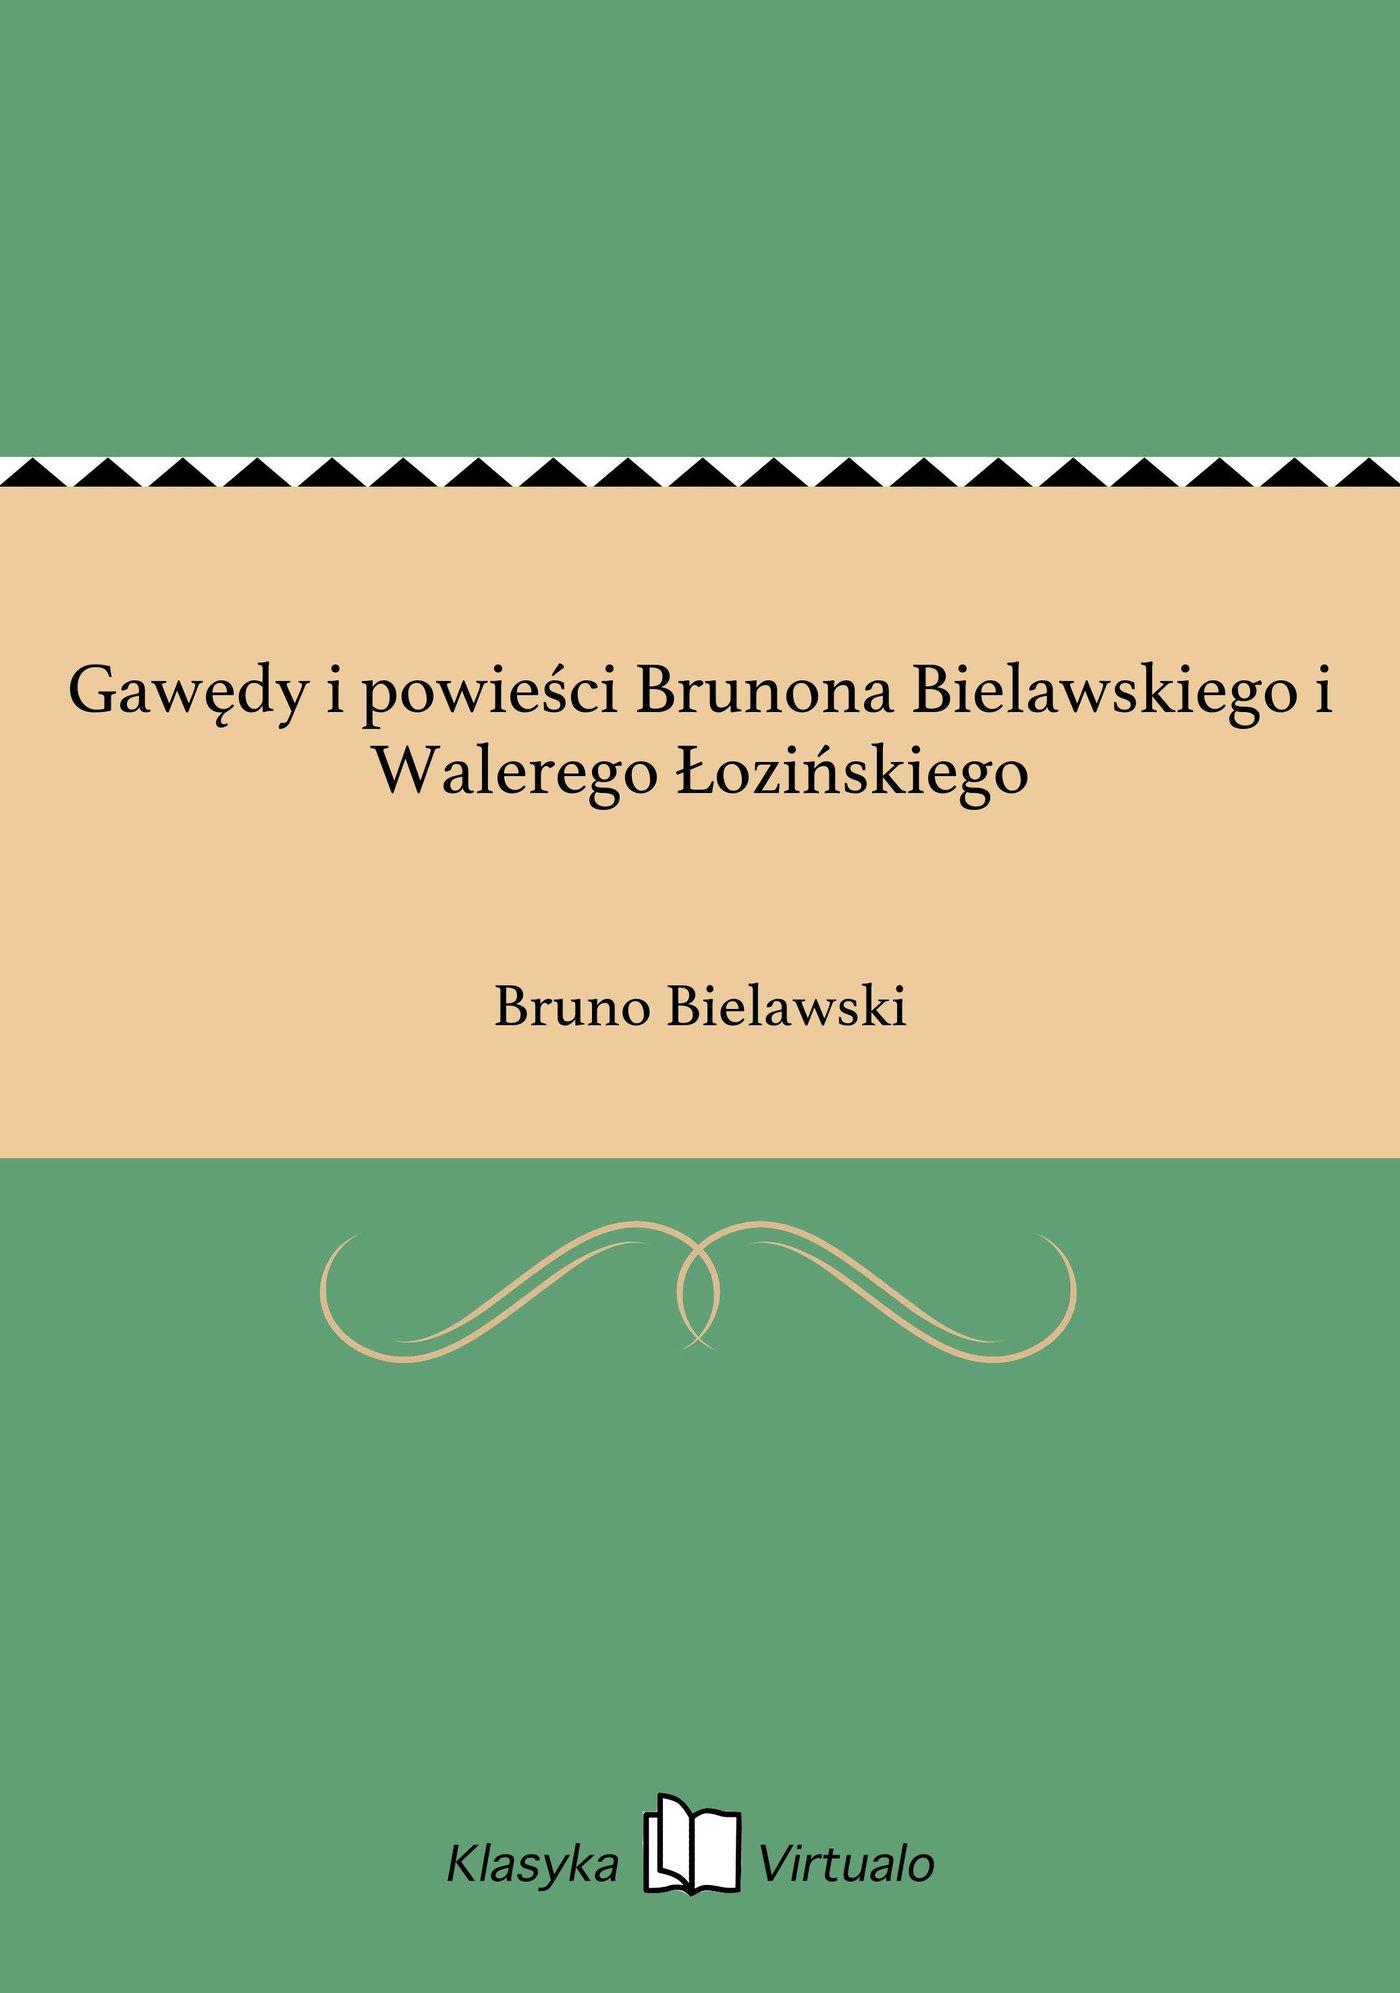 Gawędy i powieści Brunona Bielawskiego i Walerego Łozińskiego - Ebook (Książka EPUB) do pobrania w formacie EPUB